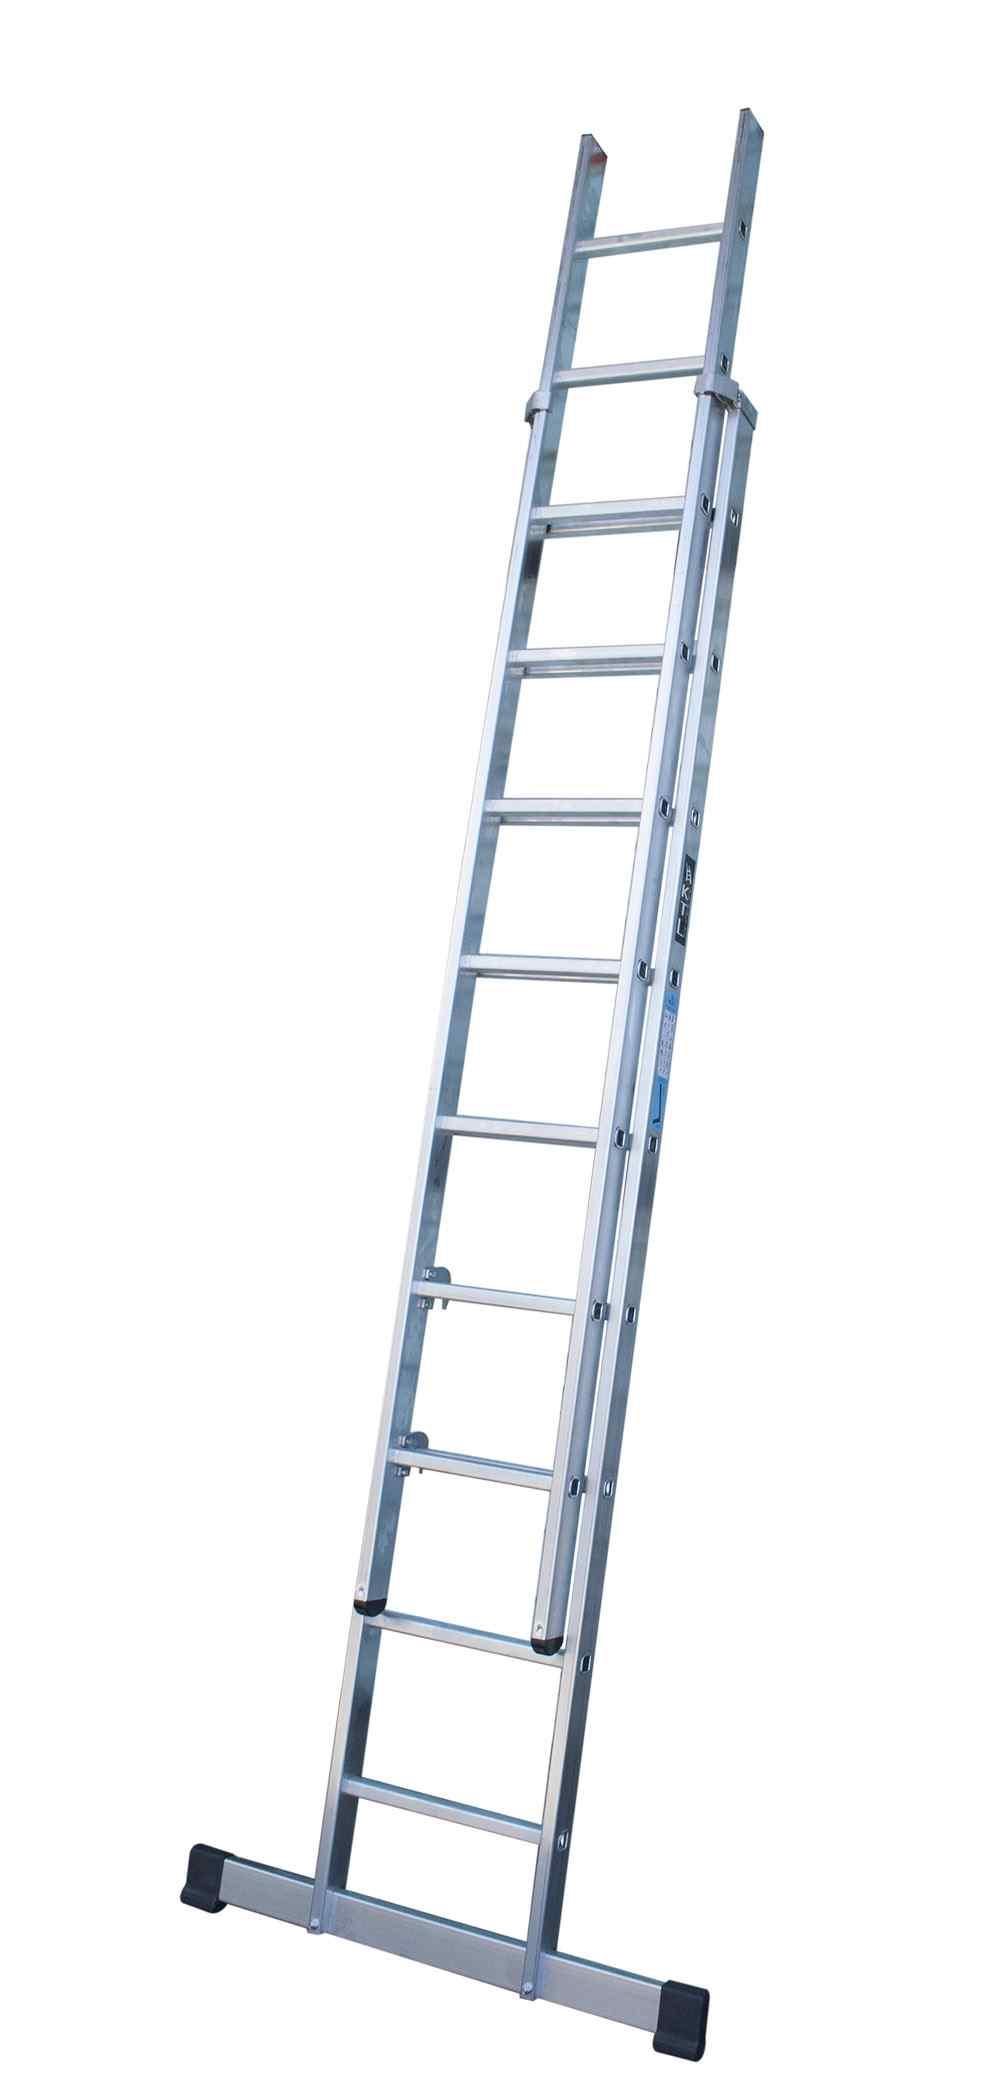 Escalera doble extensión manual - 6 x 2 Peldaños